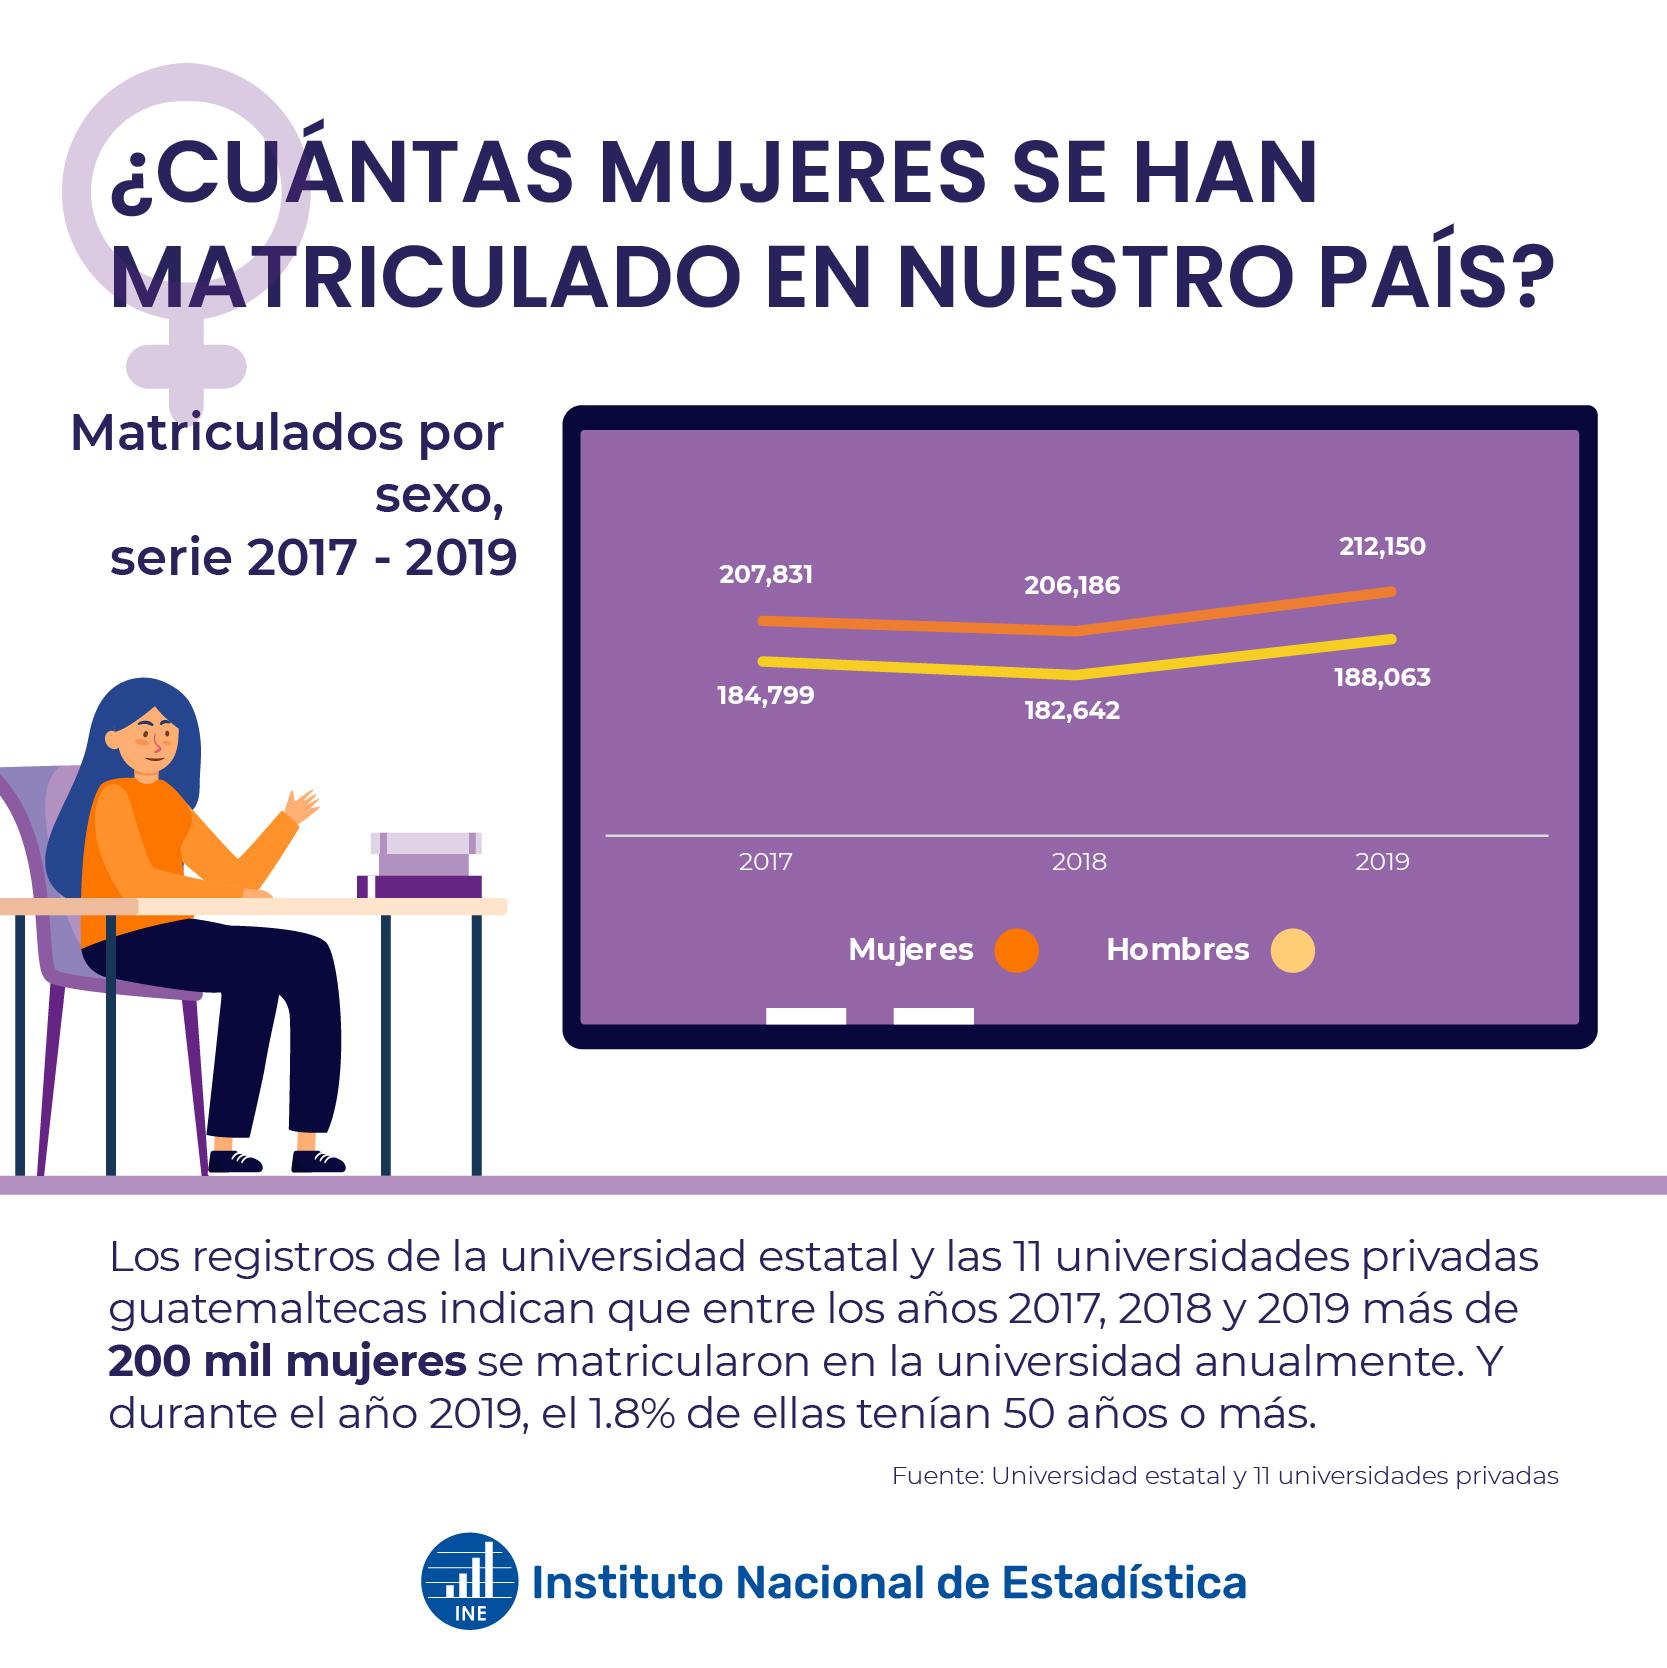 Mujeres matriculadas en nuestro país